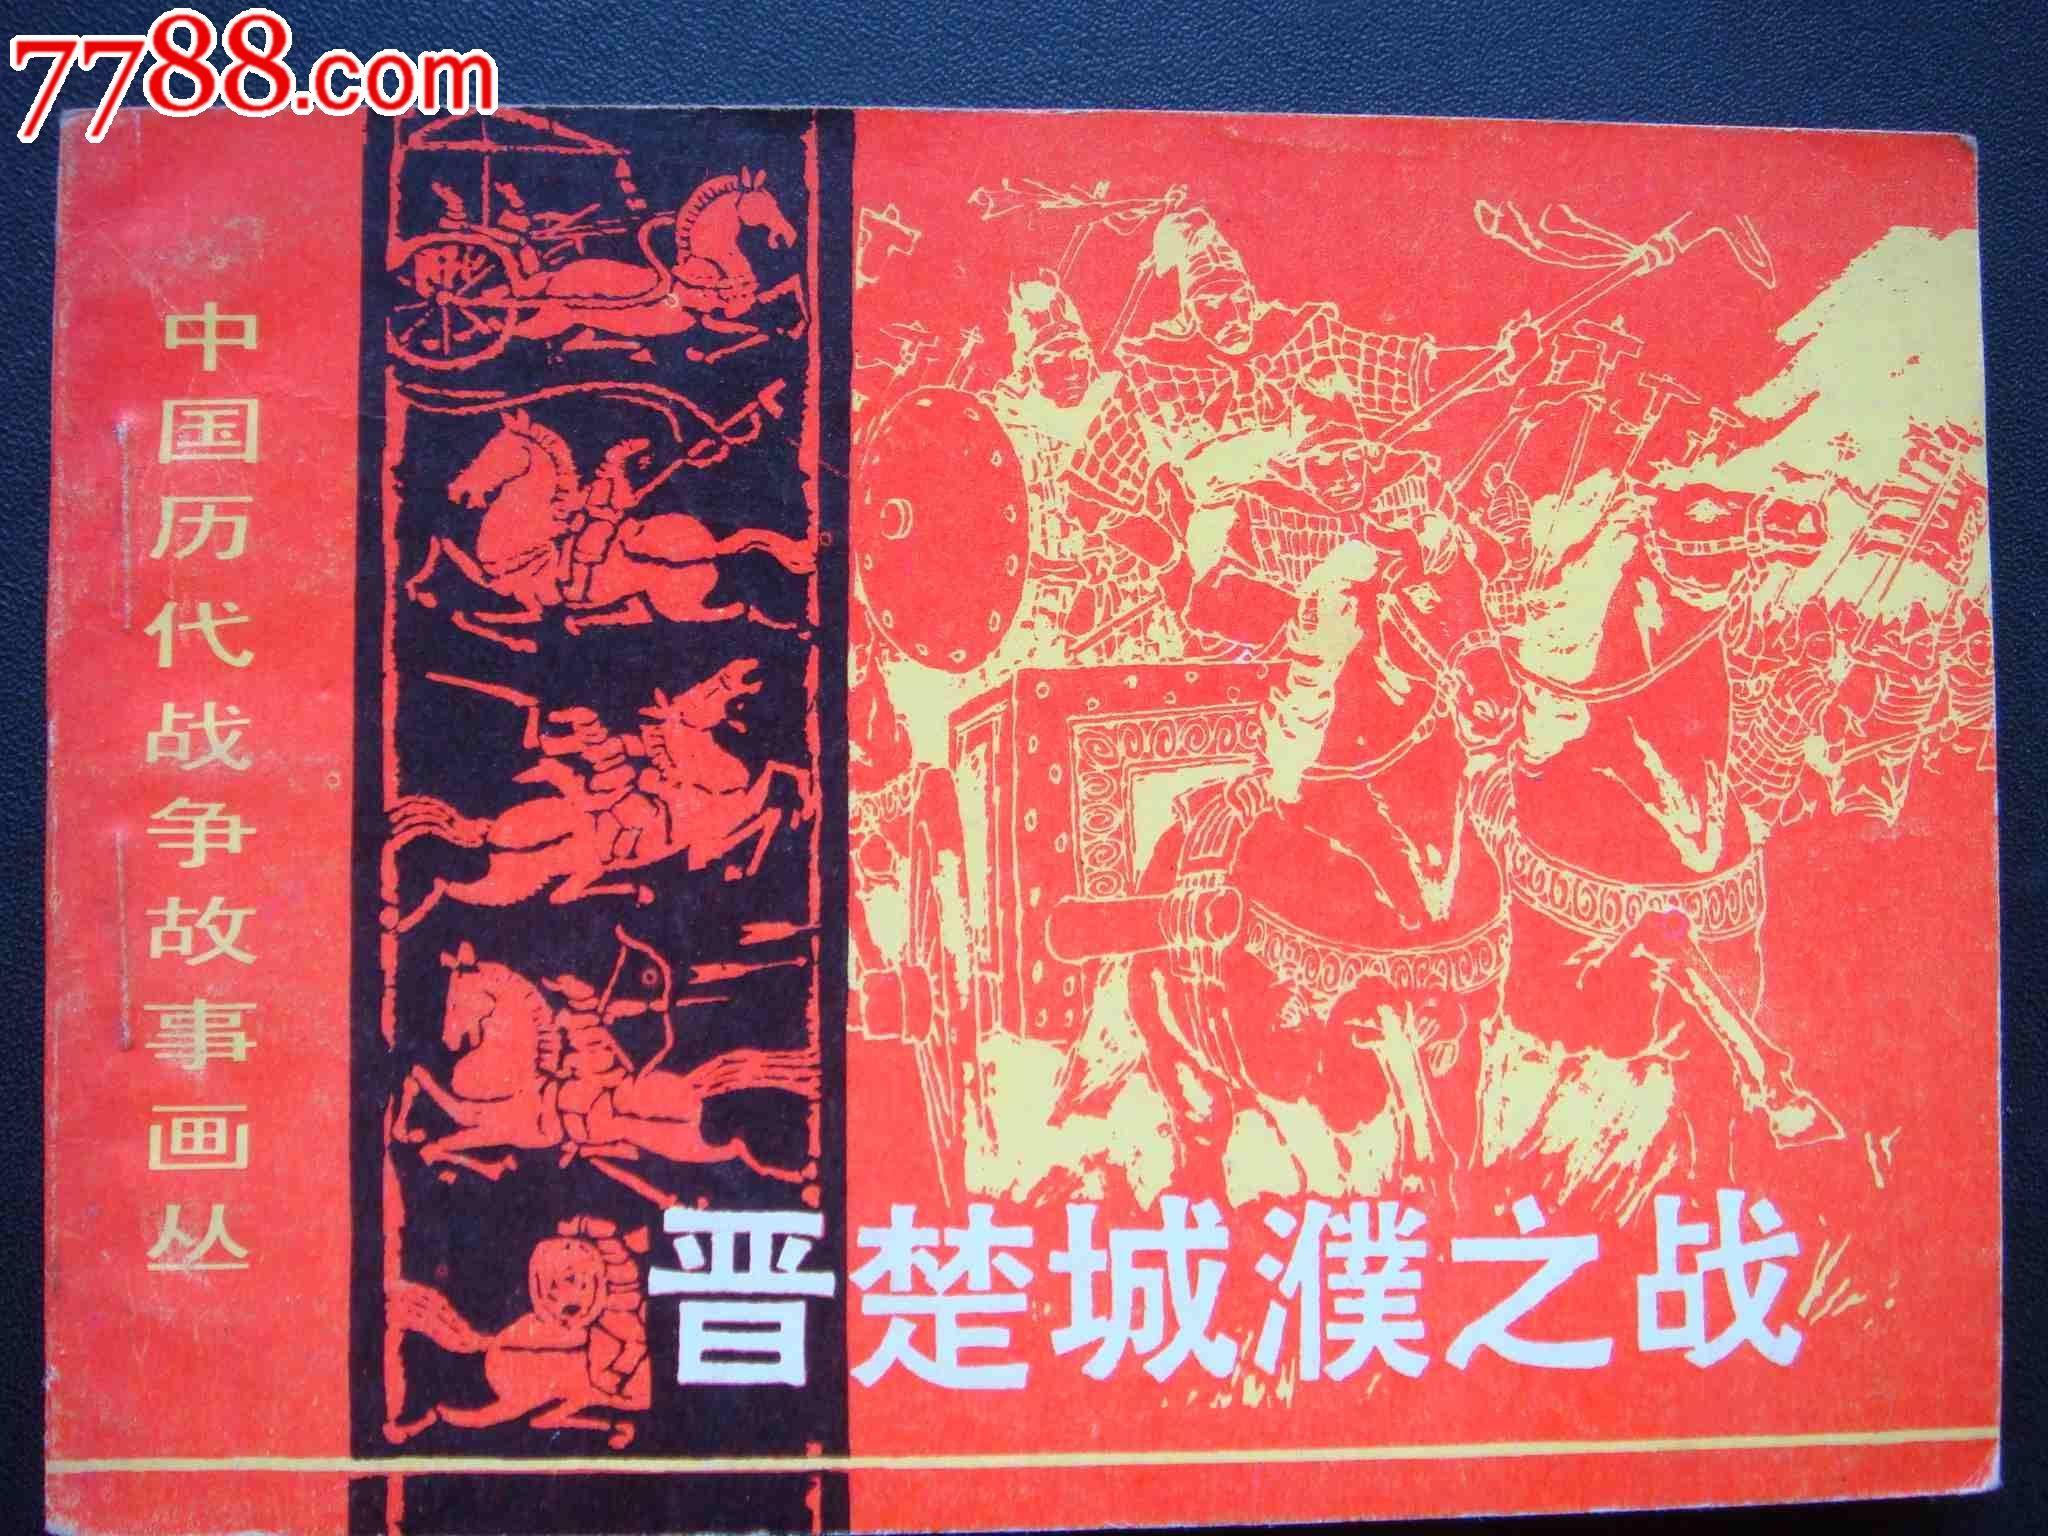 晋楚城濮之战,连环画\/小人书,八十年代(20世纪